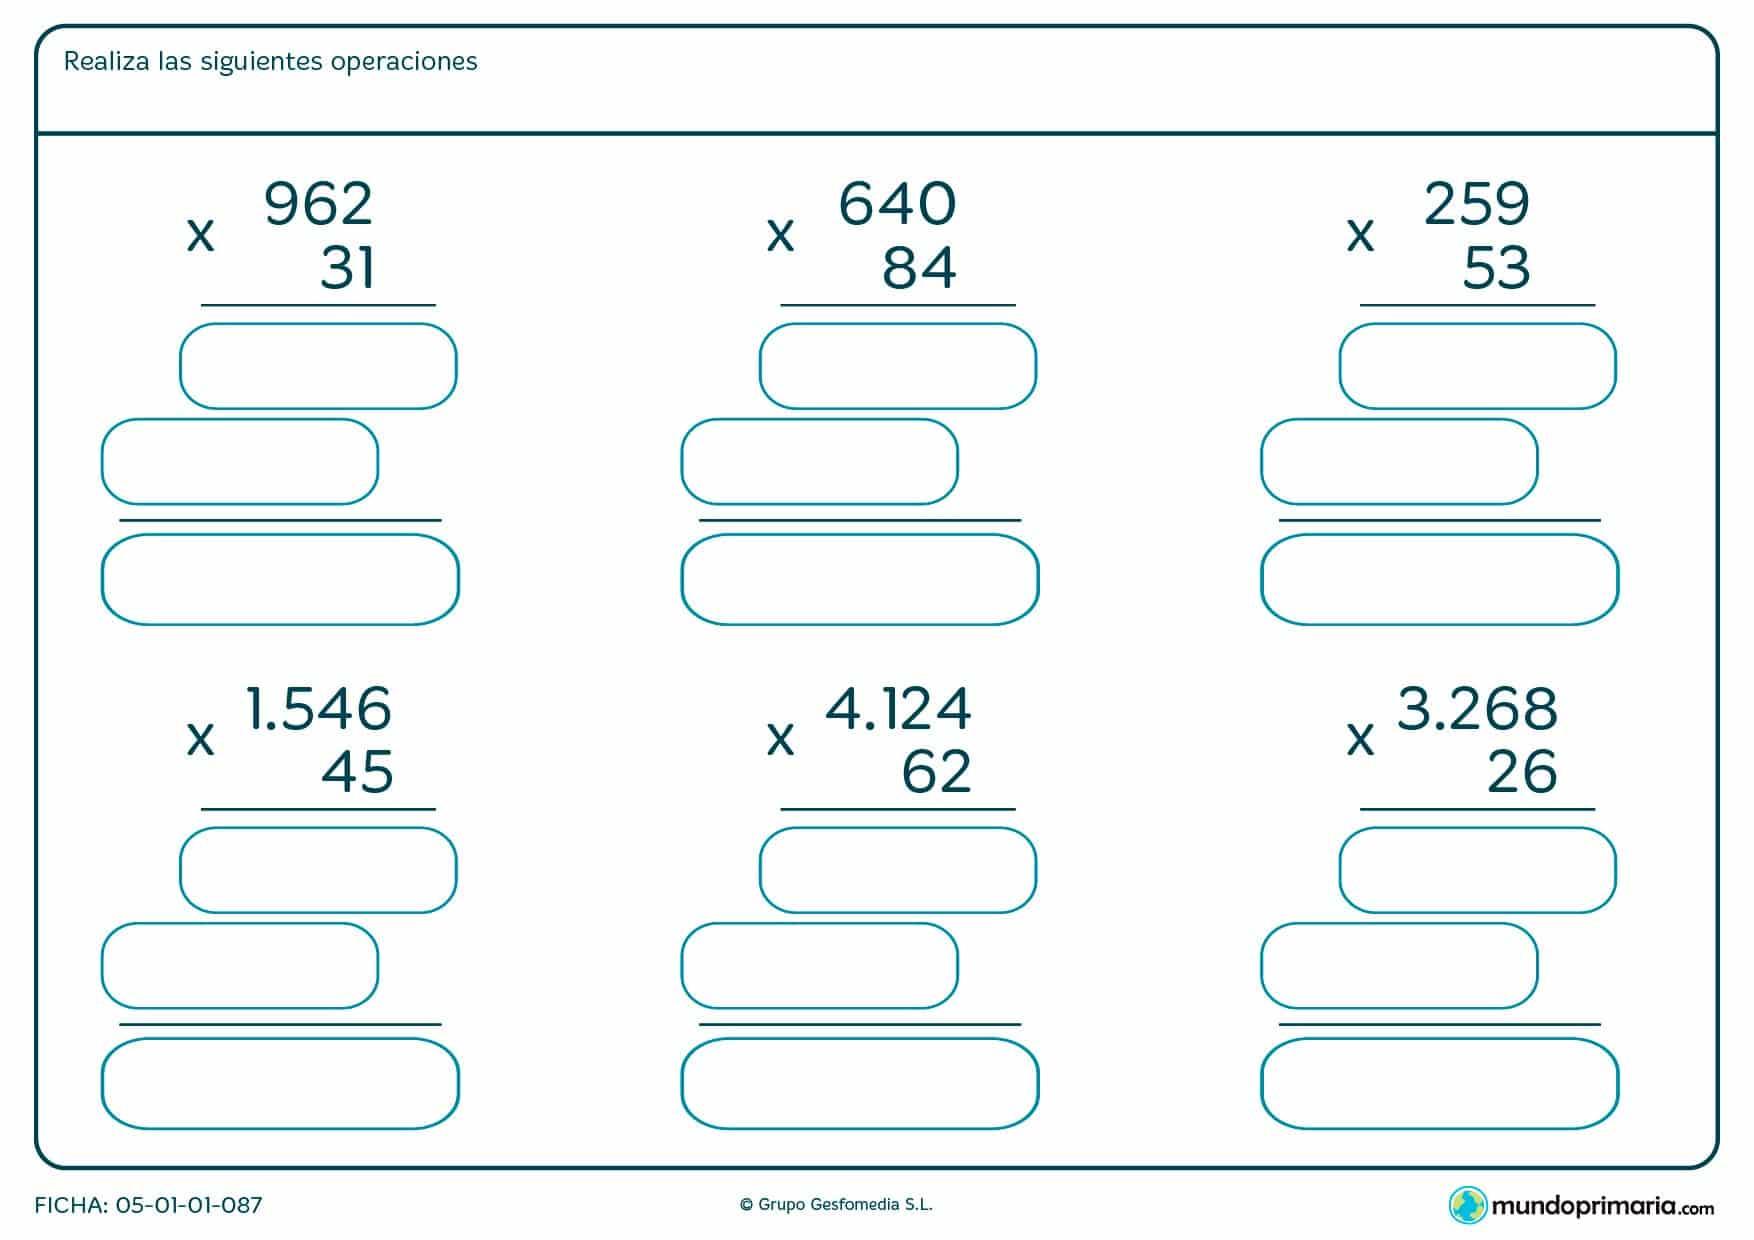 Realiza estas multiplicaciones de números de dos cifras por números de tres cifras y completa la ficha.